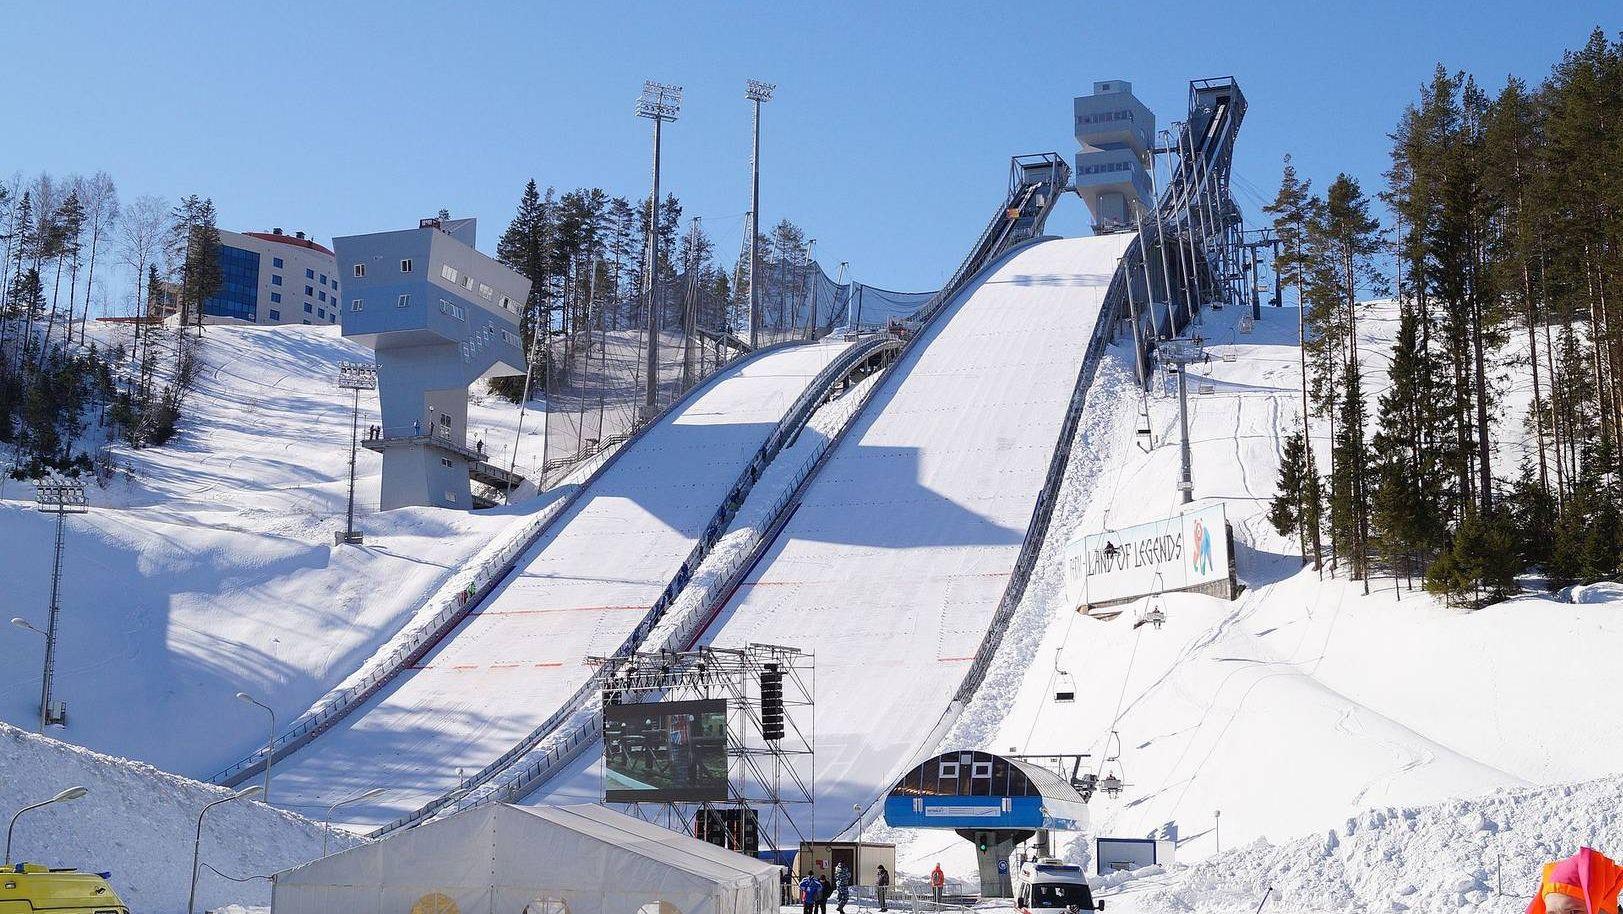 Федеральный центр подготовки по зимним видам спорта «Снежинка» имени А.А. Данилова